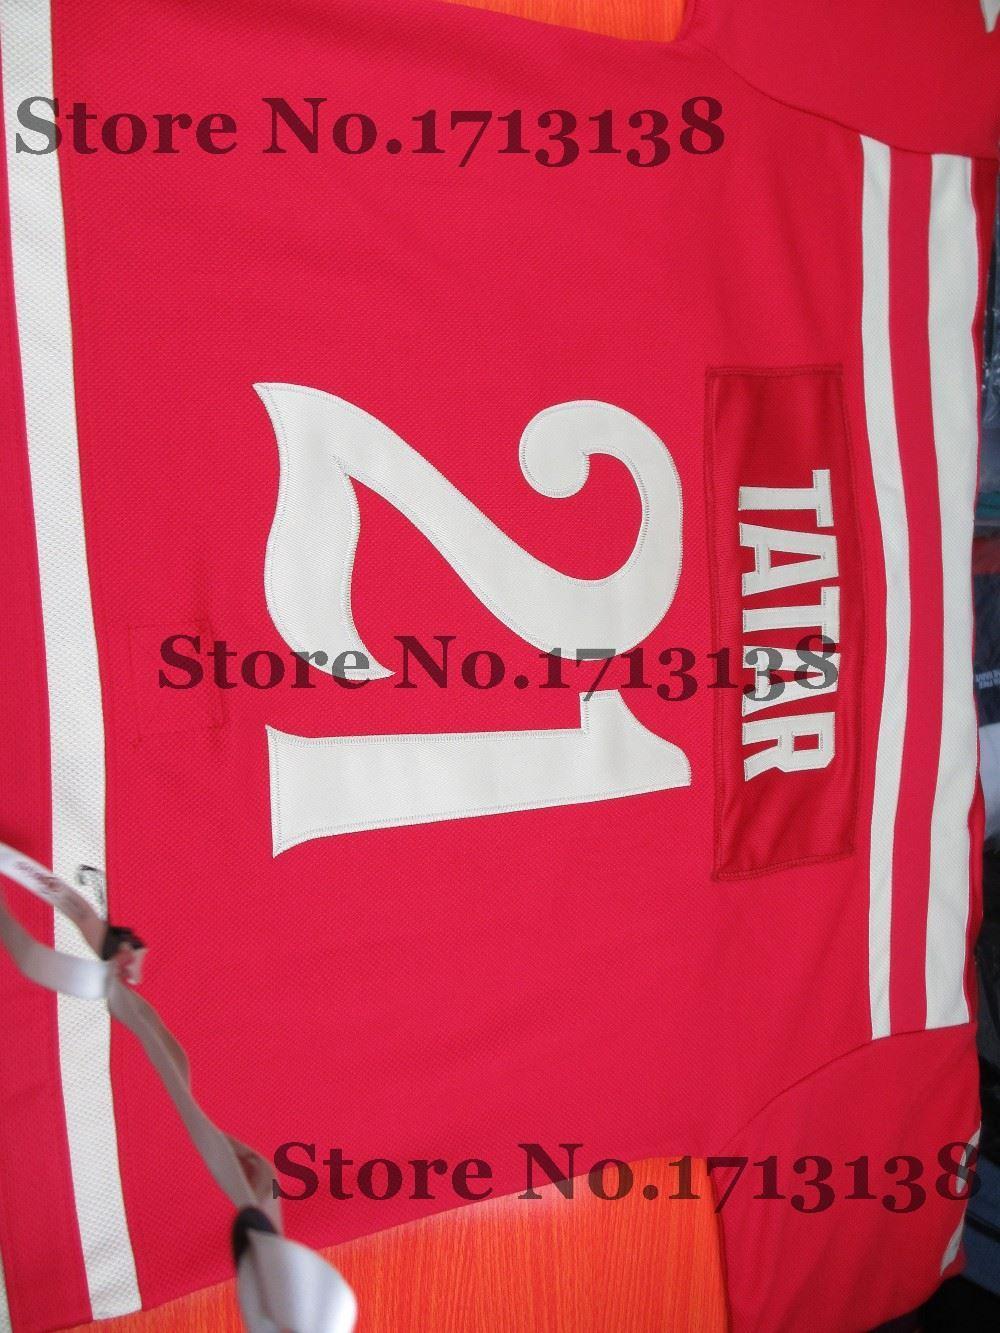 13 Datsyuk jerseys (26)